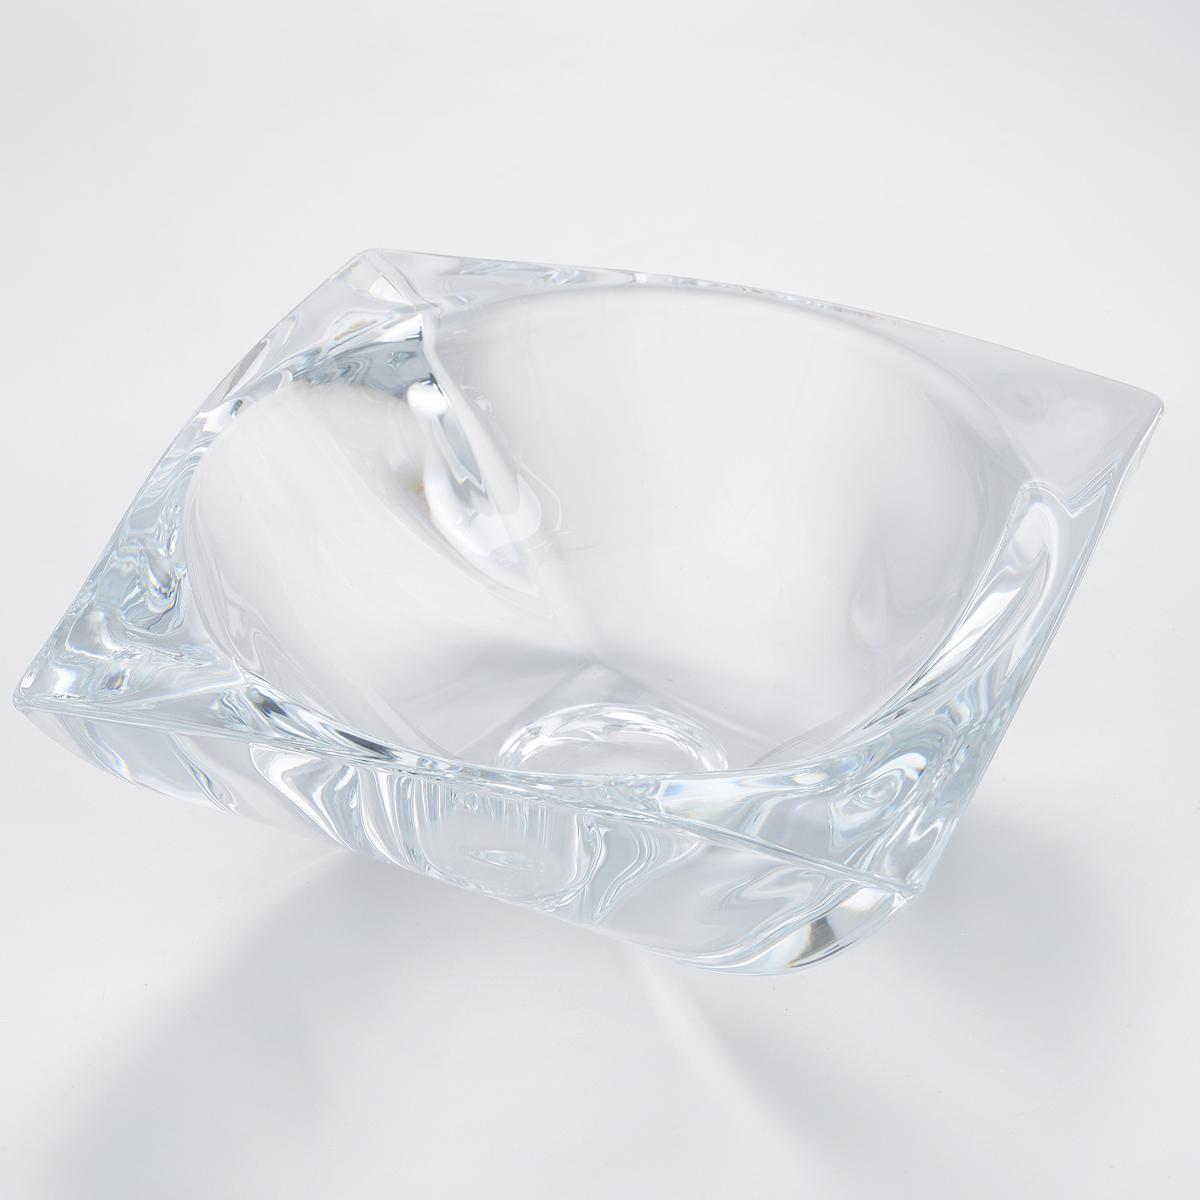 Ваза для фруктов Crystalite Bohemia Ареззо, 23 х 23 х 9 см6KD90/0/99S76/320Ваза для фруктов Crystalite Bohemia Ареззо изготовлена из прочного утолщенного стекла кристалайт. Ваза имеет оригинальную форму, что делает ее изящным украшением праздничного стола. Она красиво переливается и излучает приятный блеск. Изделие прекрасно подходит для сервировки фруктов, конфет, пирожных и т.д. Ваза для фруктов Crystalite Bohemia Ареззо - это изысканное украшение праздничного стола, интерьера кухни или комнаты. Такая ваза станет желанным и стильным подарком. Можно использовать в посудомоечной машине и микроволновой печи.